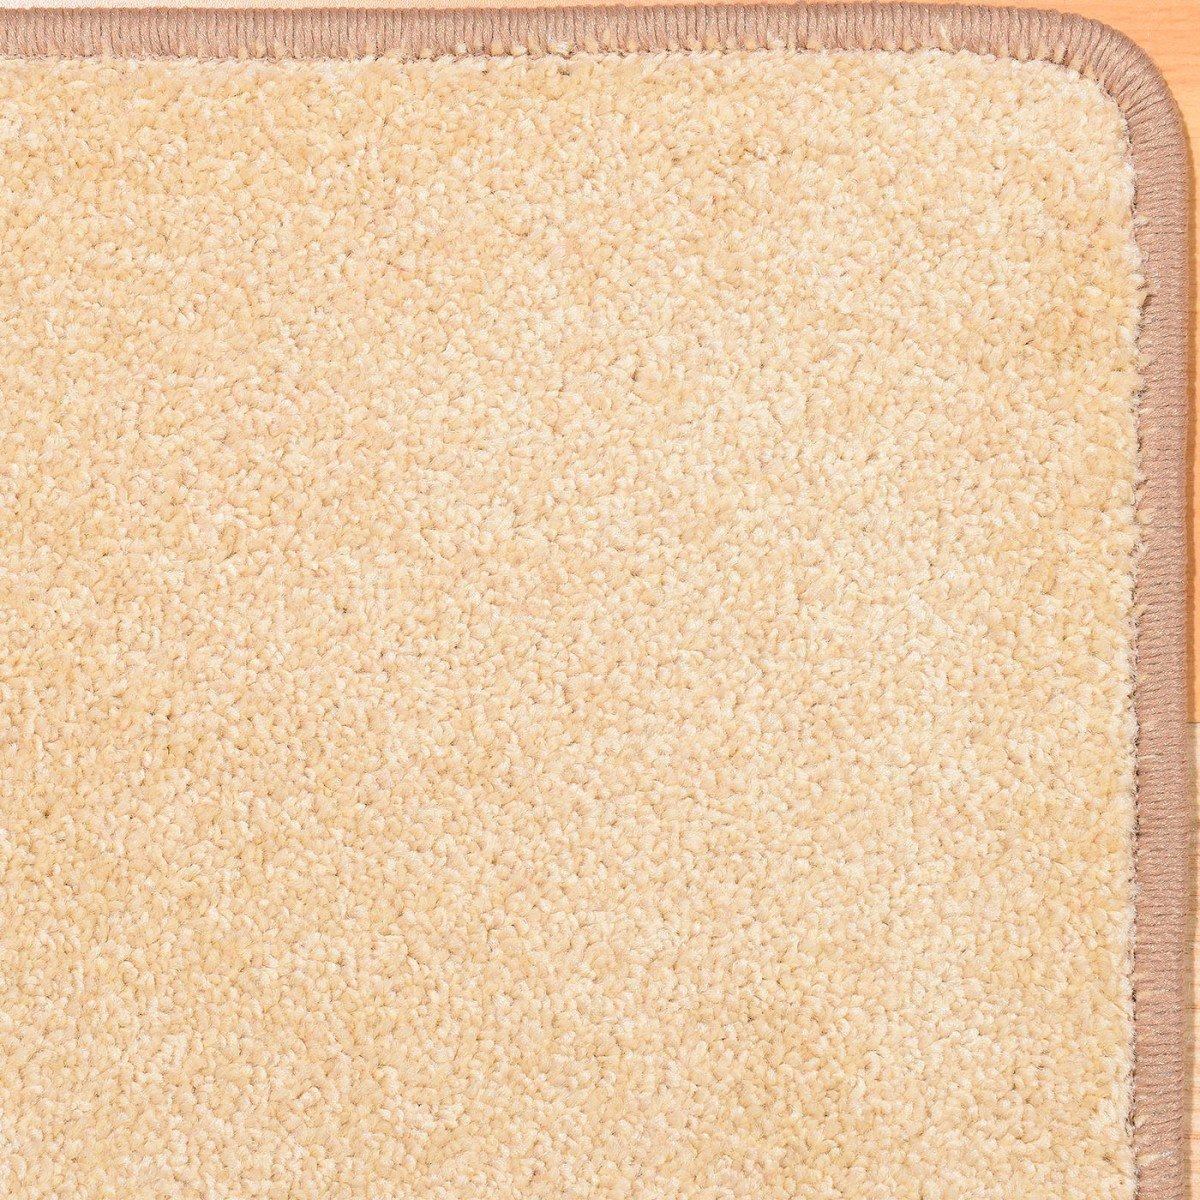 Havatex Velours Teppich Teppich Teppich Burbon - 16 moderne sowie klassische Farben   Top Preis-Leistung   Prüfsiegel  TÜV-geprüft & schadstoffgeprüft, Farbe Schoko-Braun, Größe 200 x 250 cm B00FQ10CH4 Teppiche e58cf1